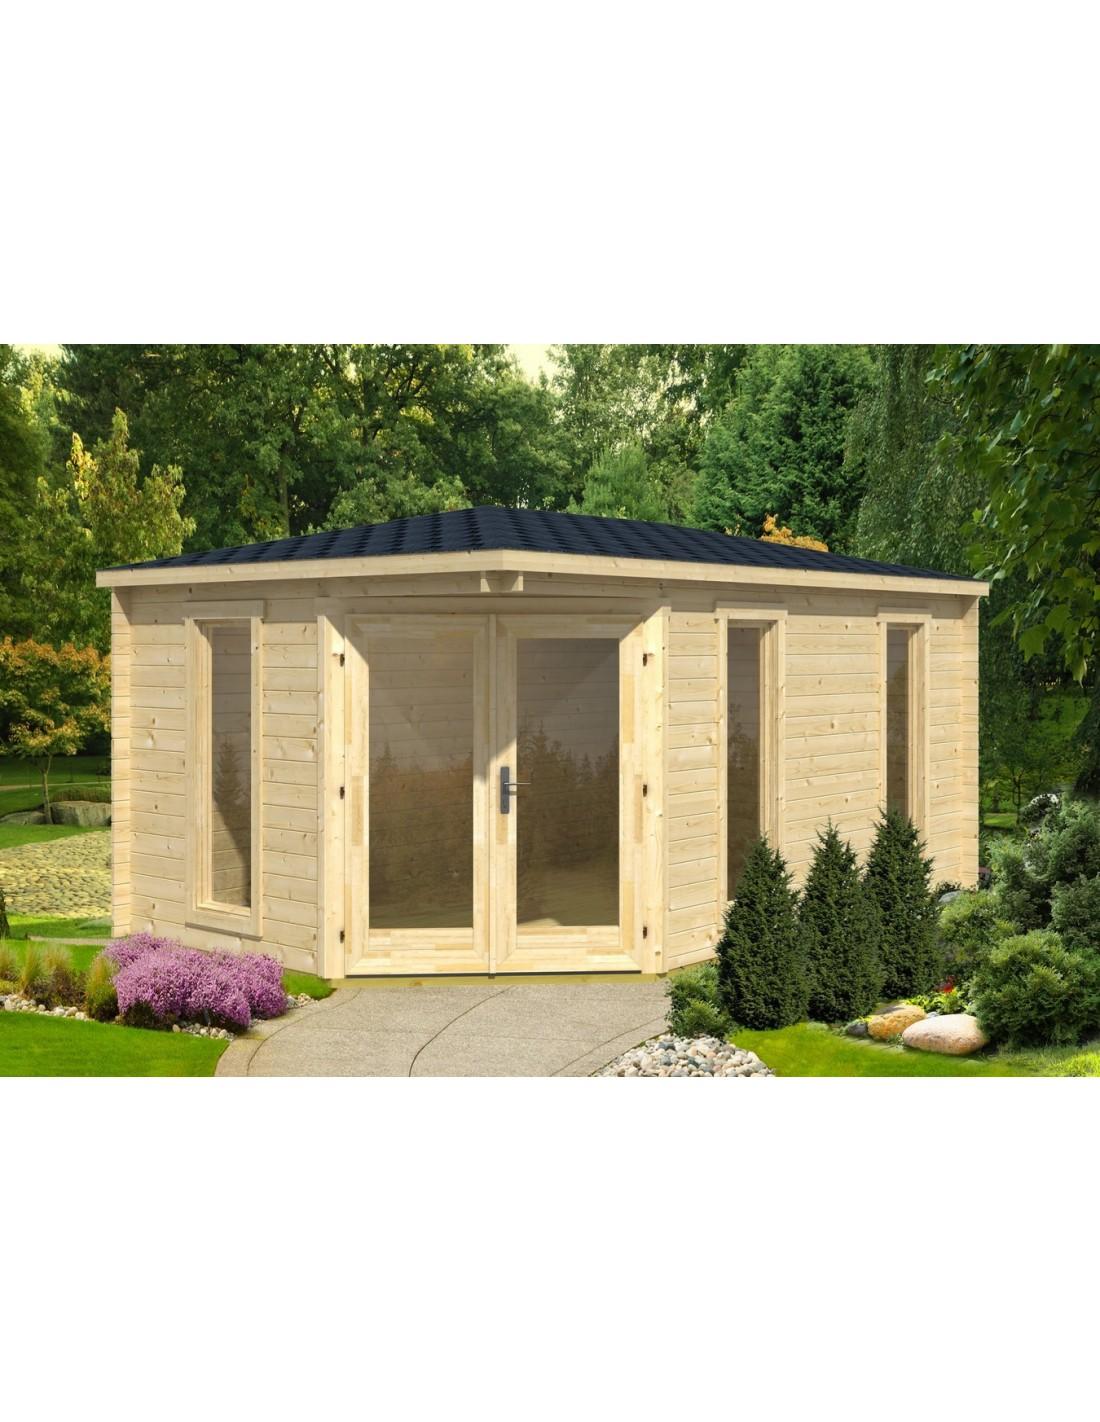 Abri de jardin edinburgh 12 5 m avec plancher bois massif 40 mm - Abri de jardin en bois avec plancher ...